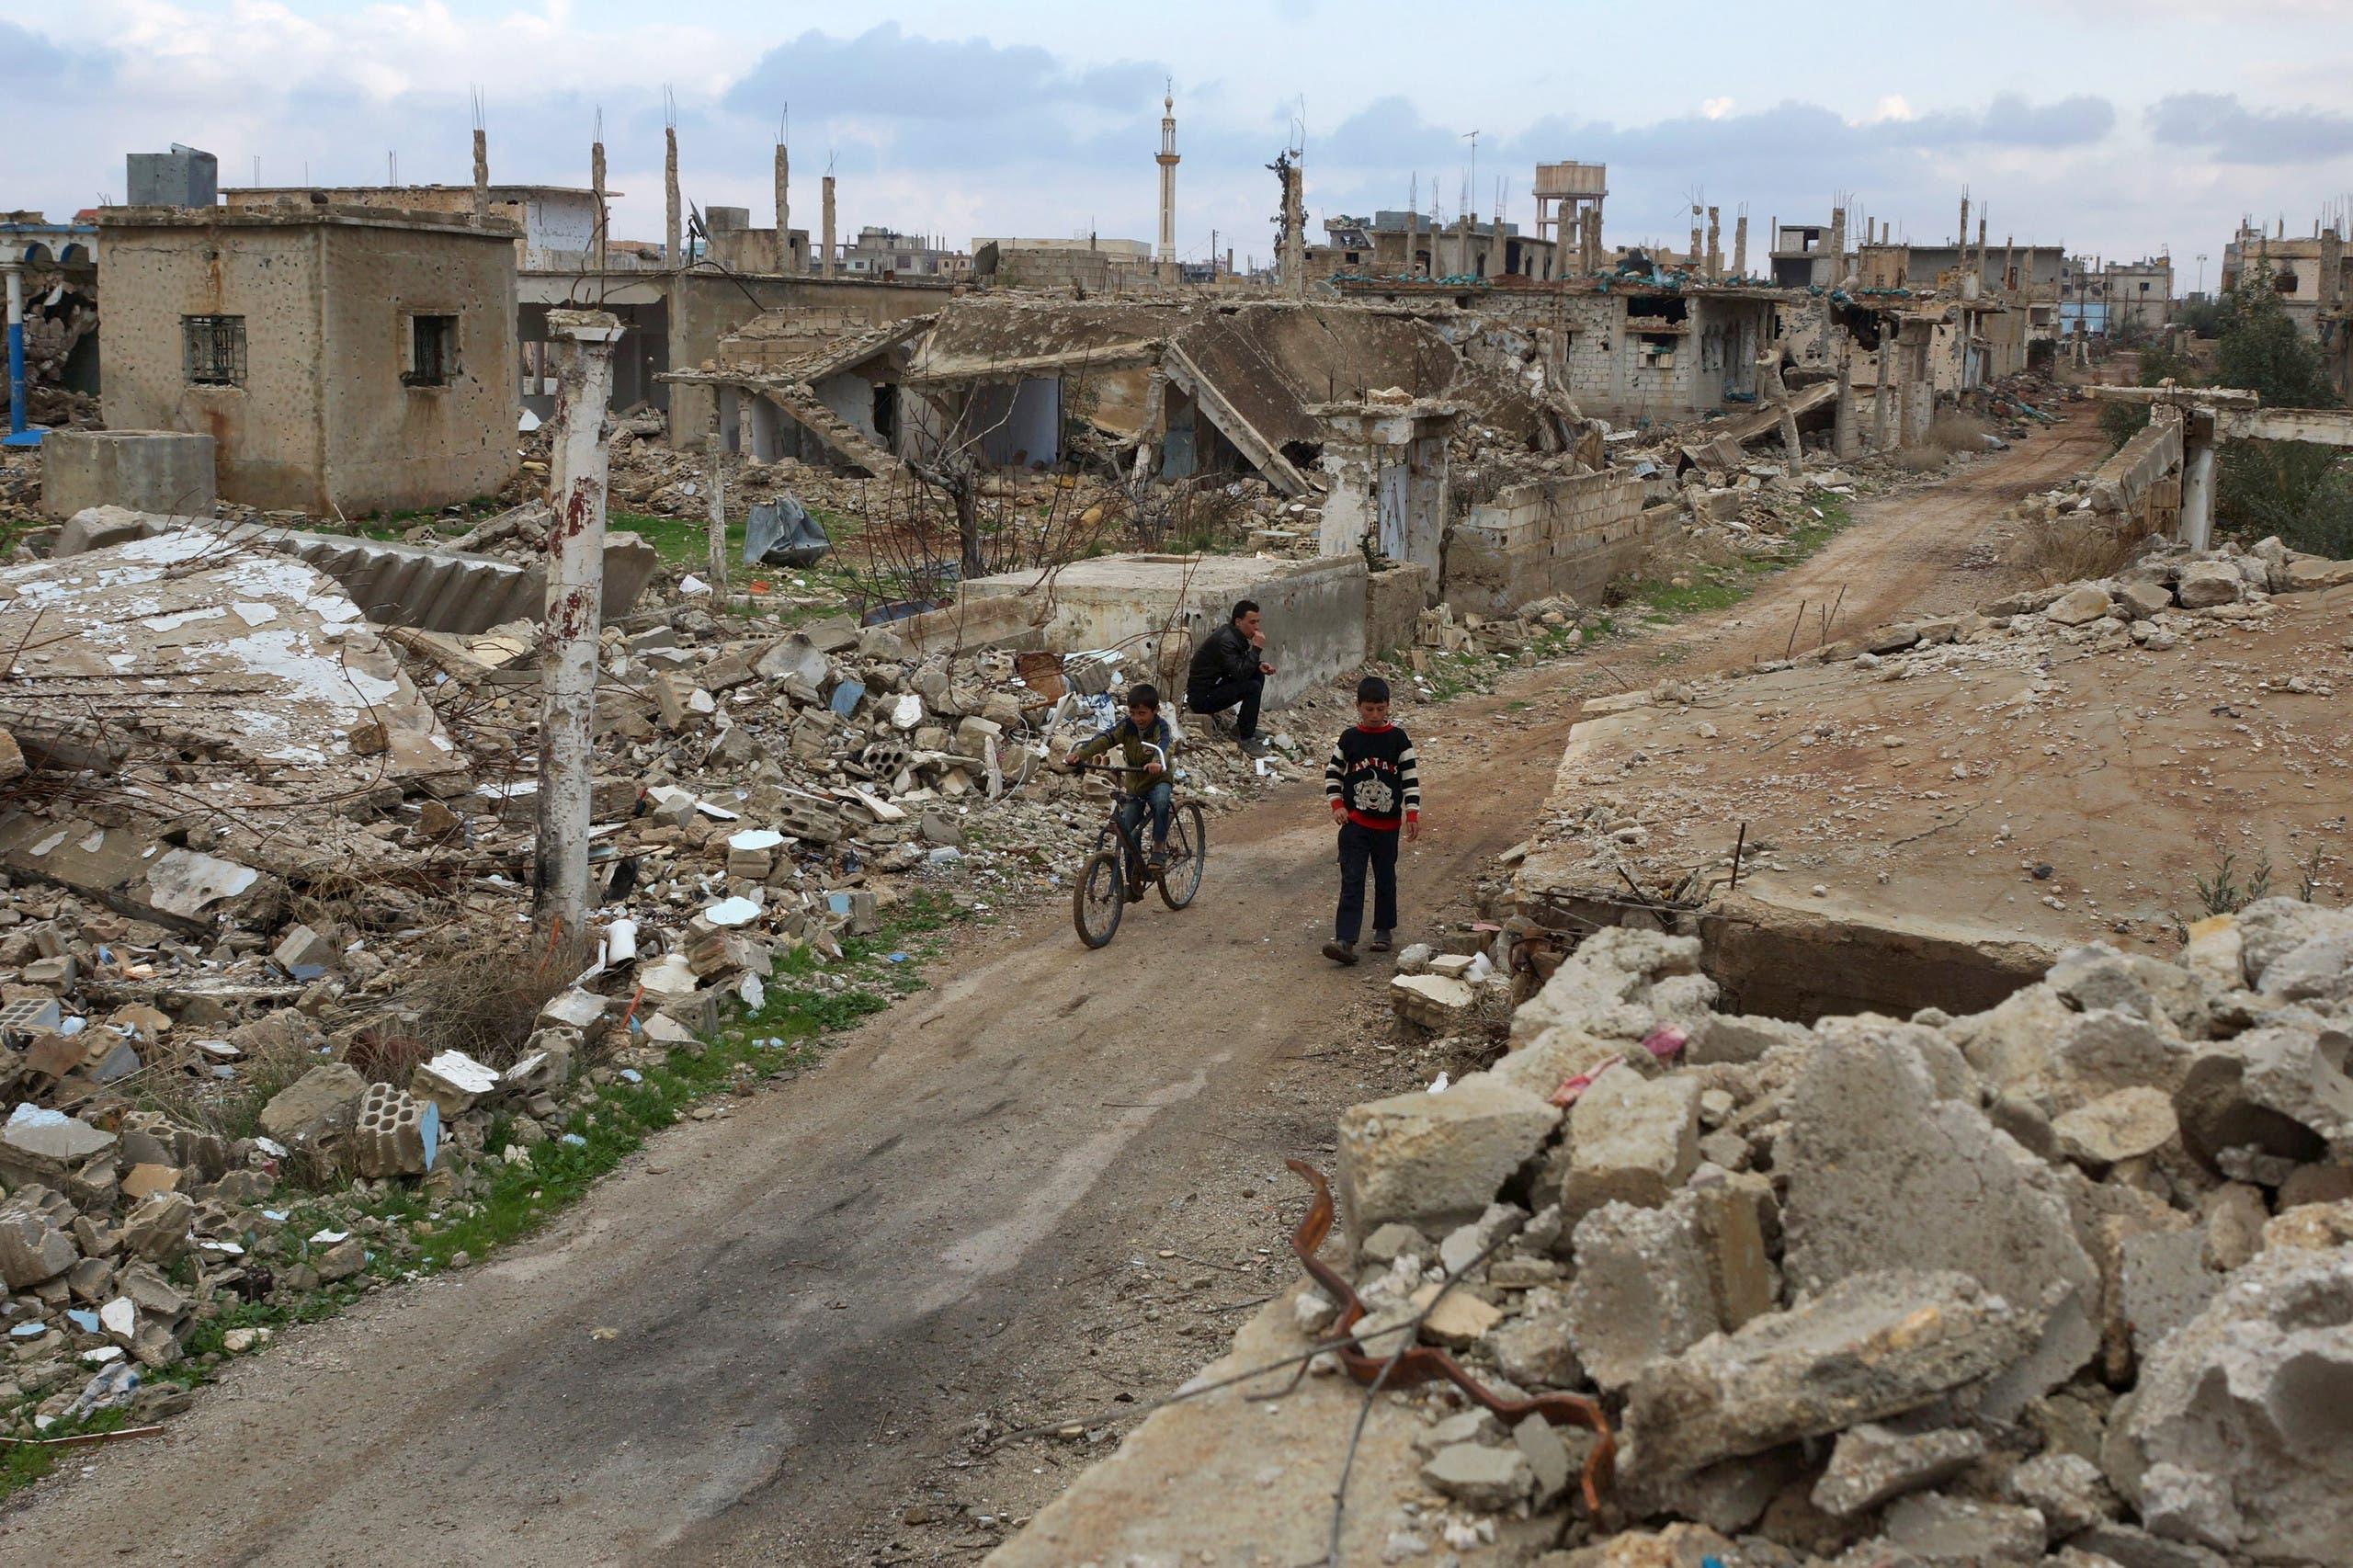 درعا تتعرض لحملة جوية مكثفة منذ الاثنين